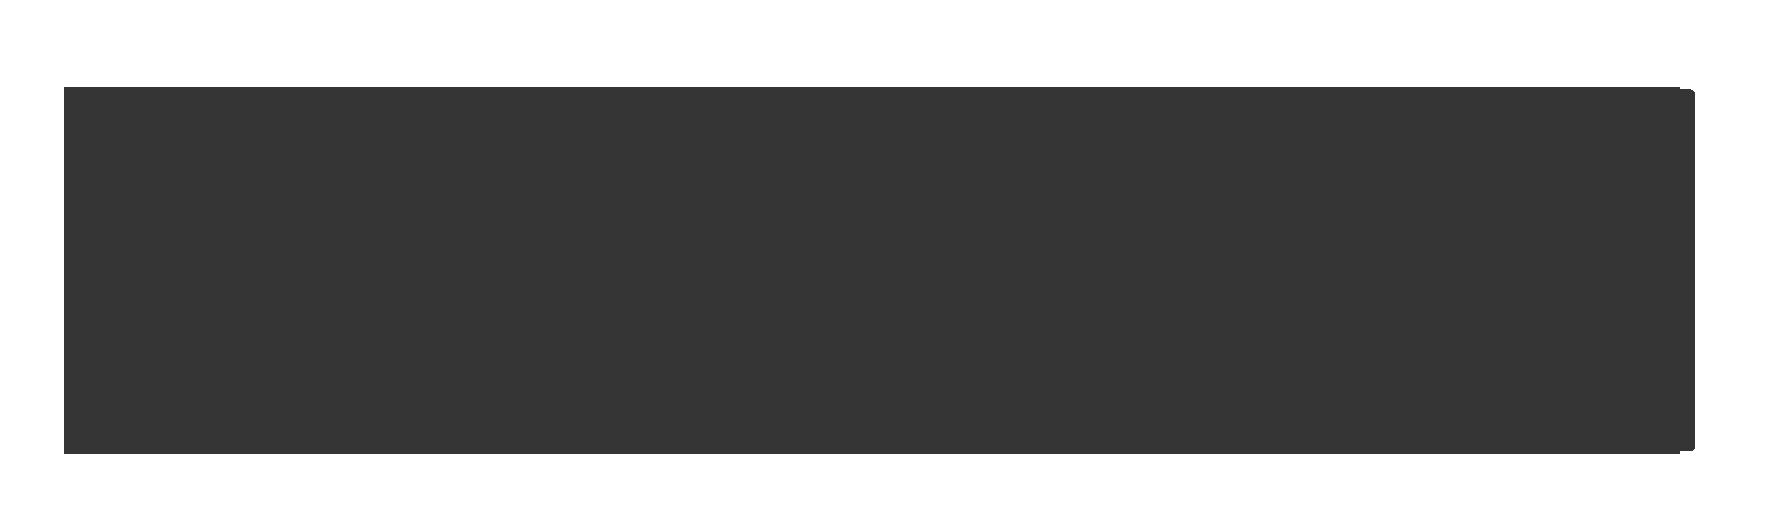 Varlah